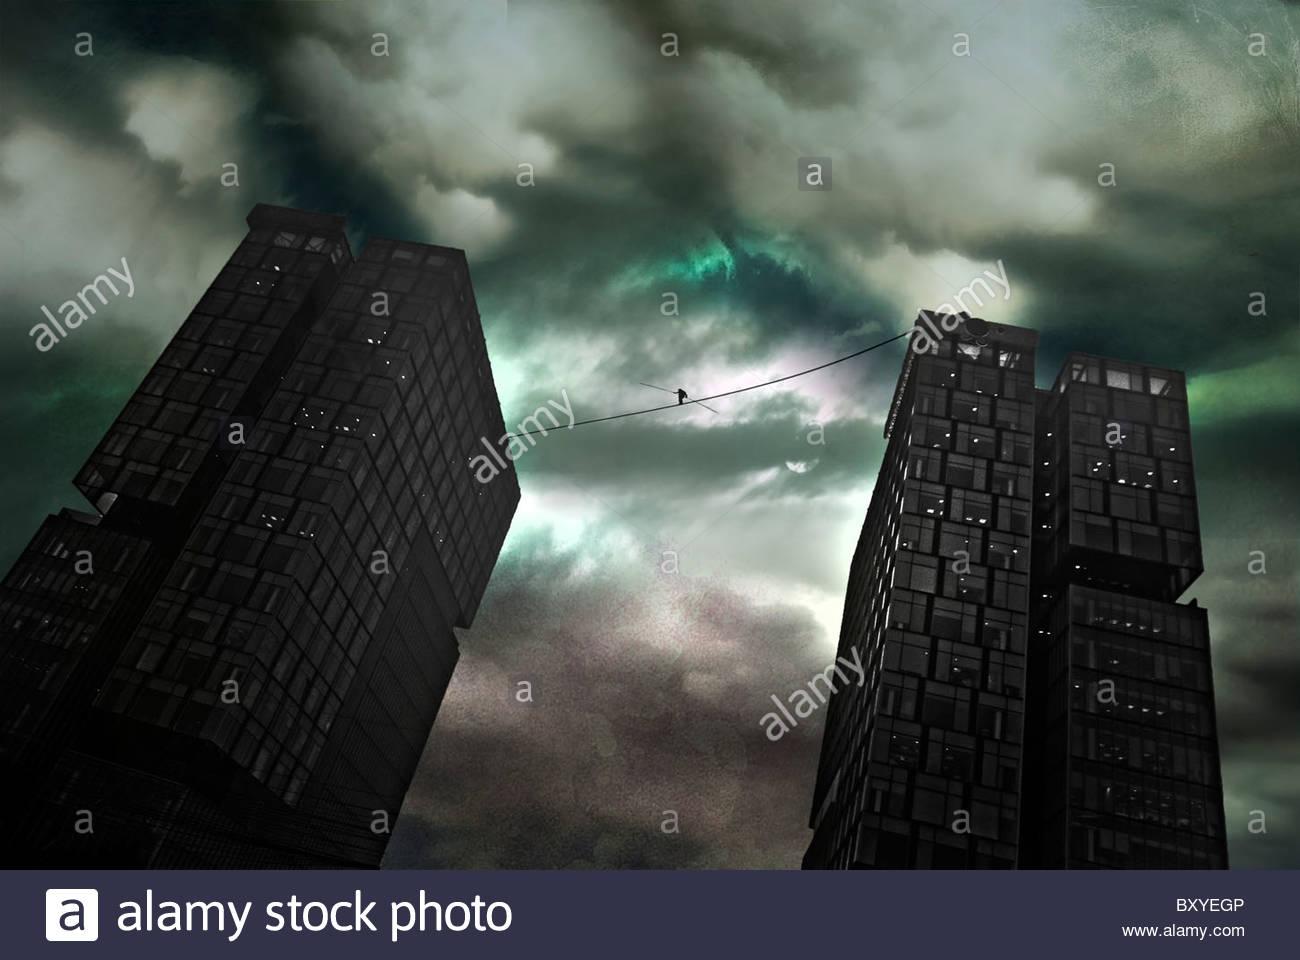 Un chiffre à une corde raide entre deux grands immeubles de bureaux sous un ciel d'orage Photo Stock